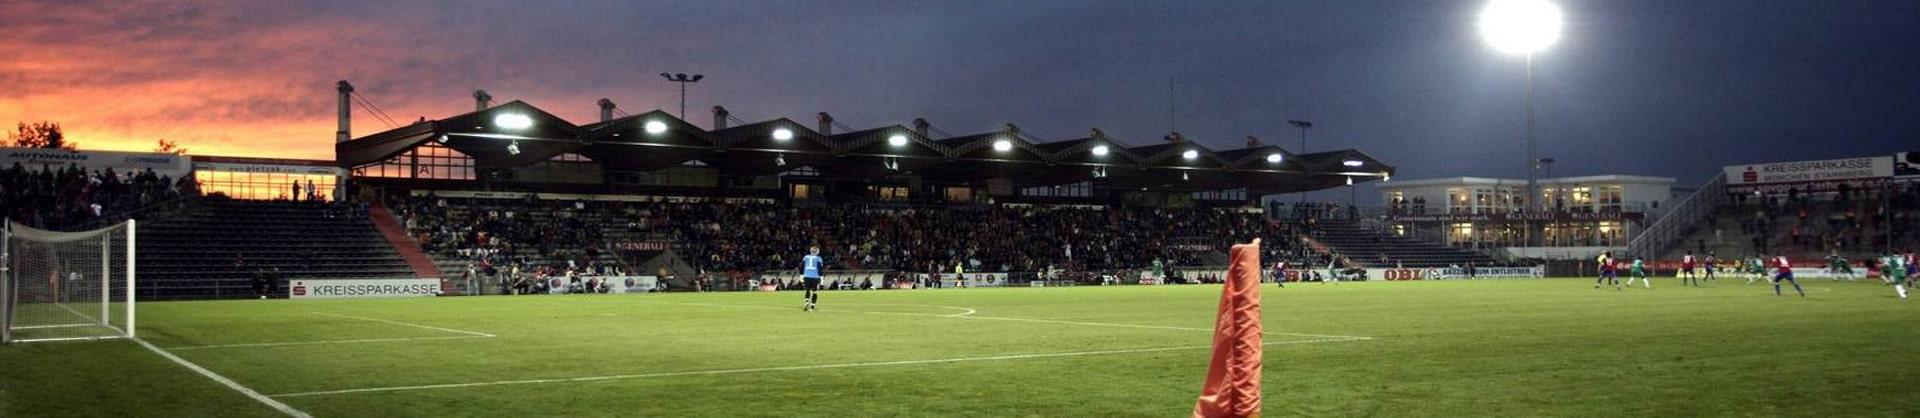 Mehr als 10.000 Zuschauer bei Dynamo Dresden gegen den HSV möglich